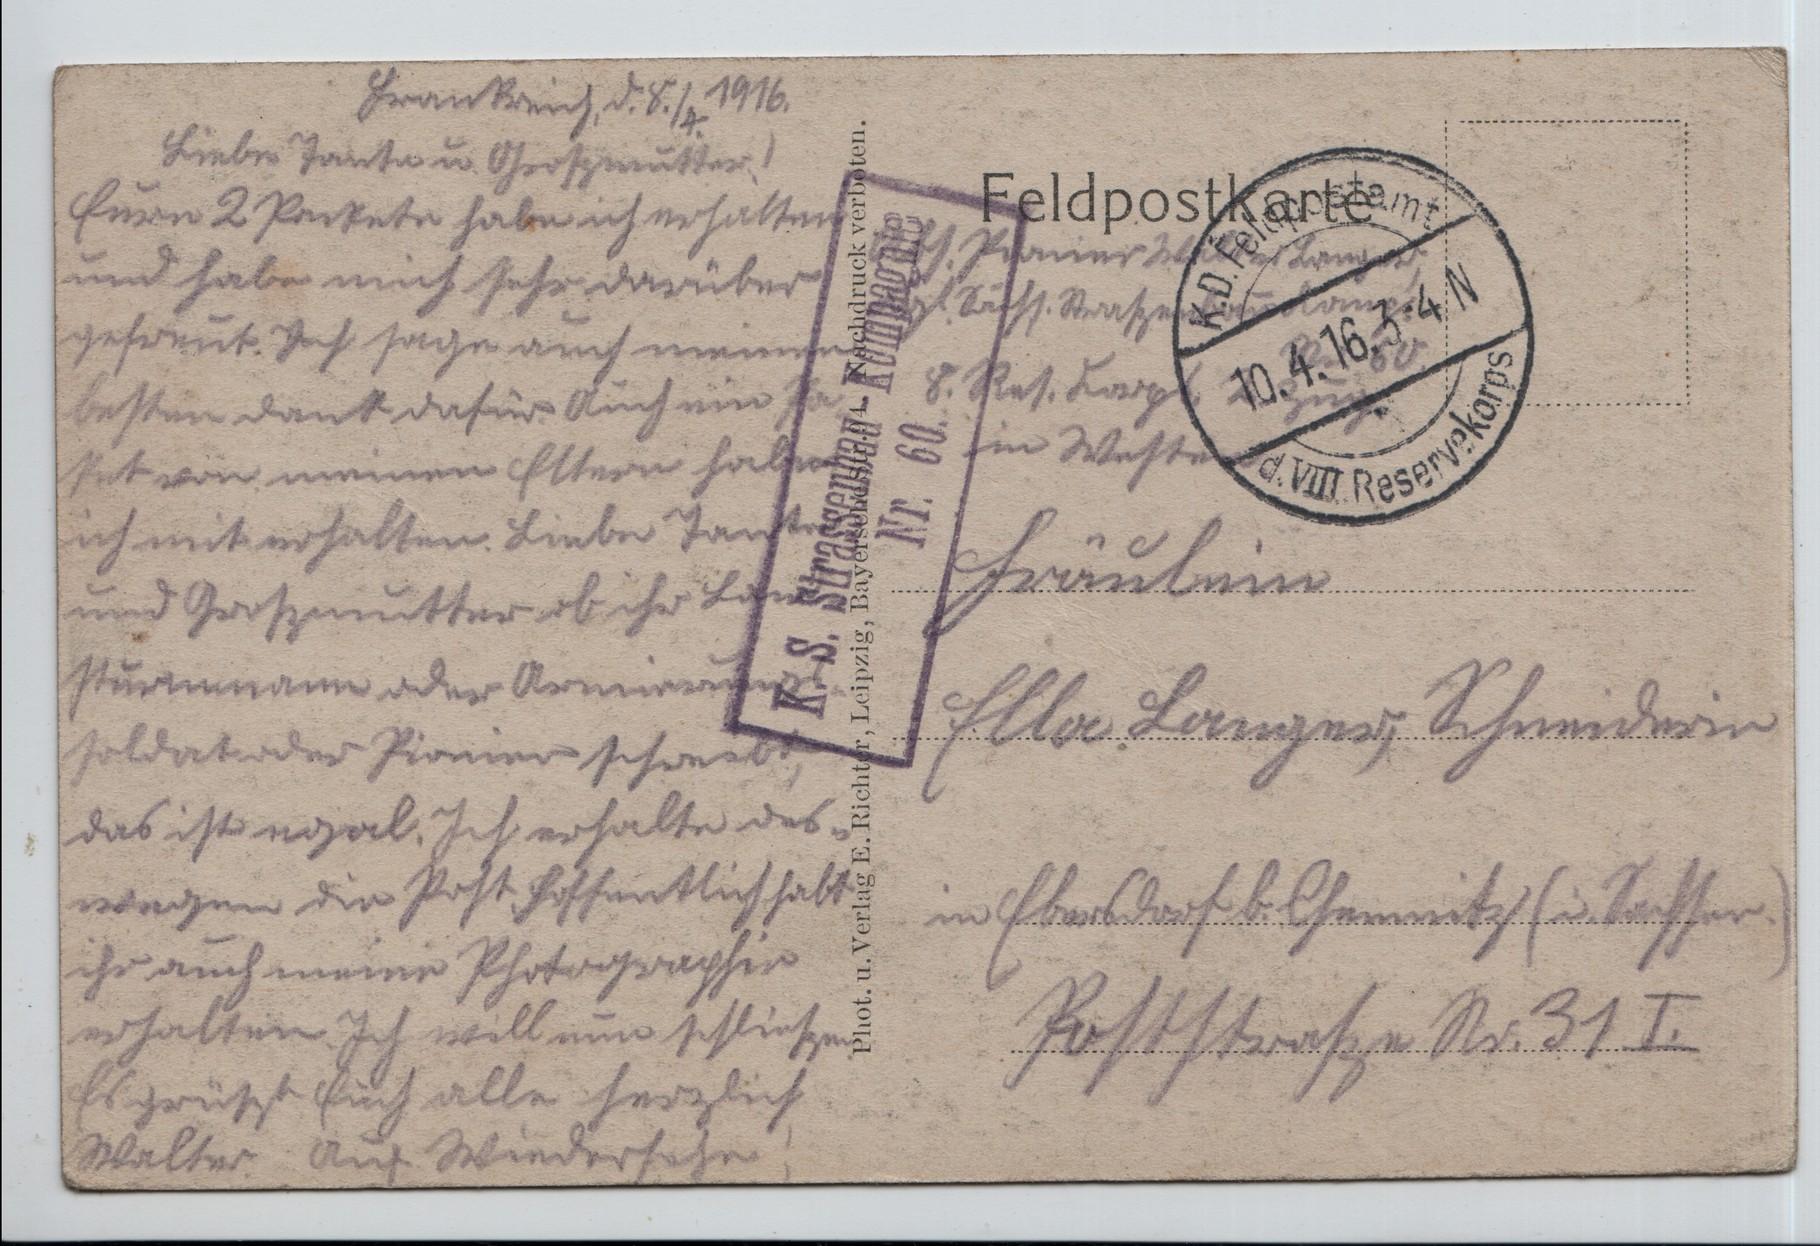 16. 10th Apr 1916